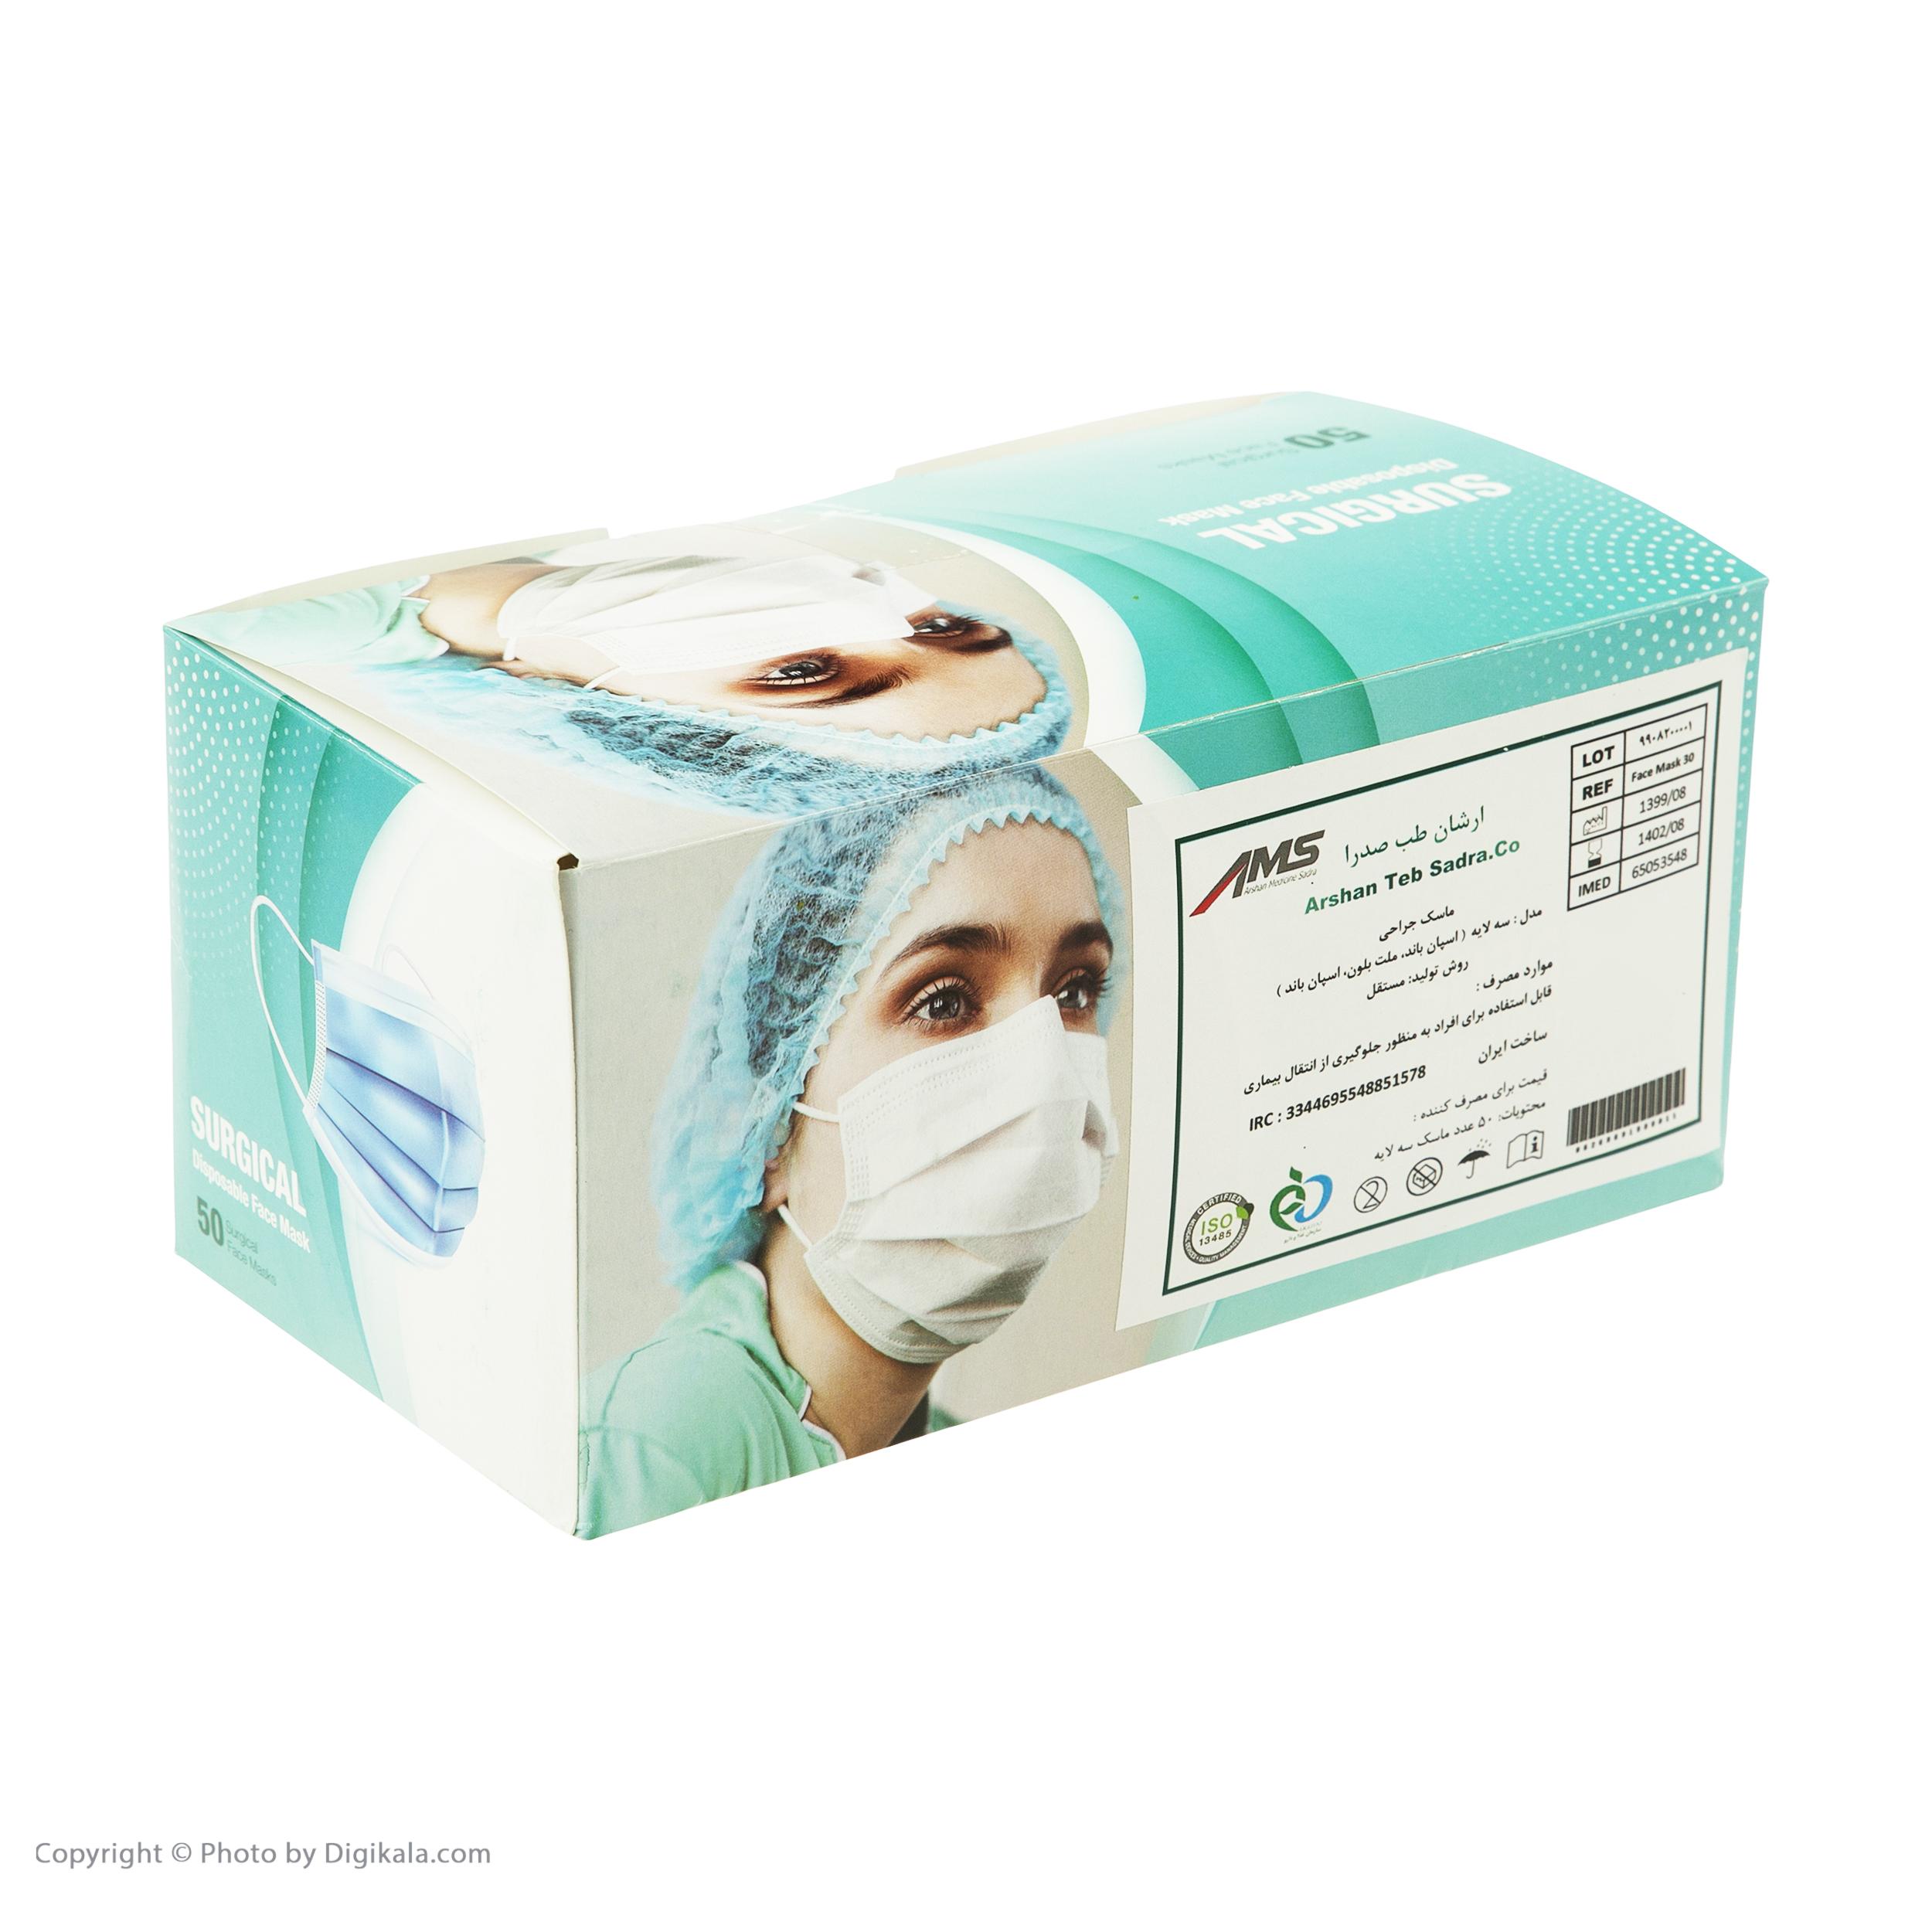 ماسک تنفسی ارشان طب مدل AMS بسته 50 عددی